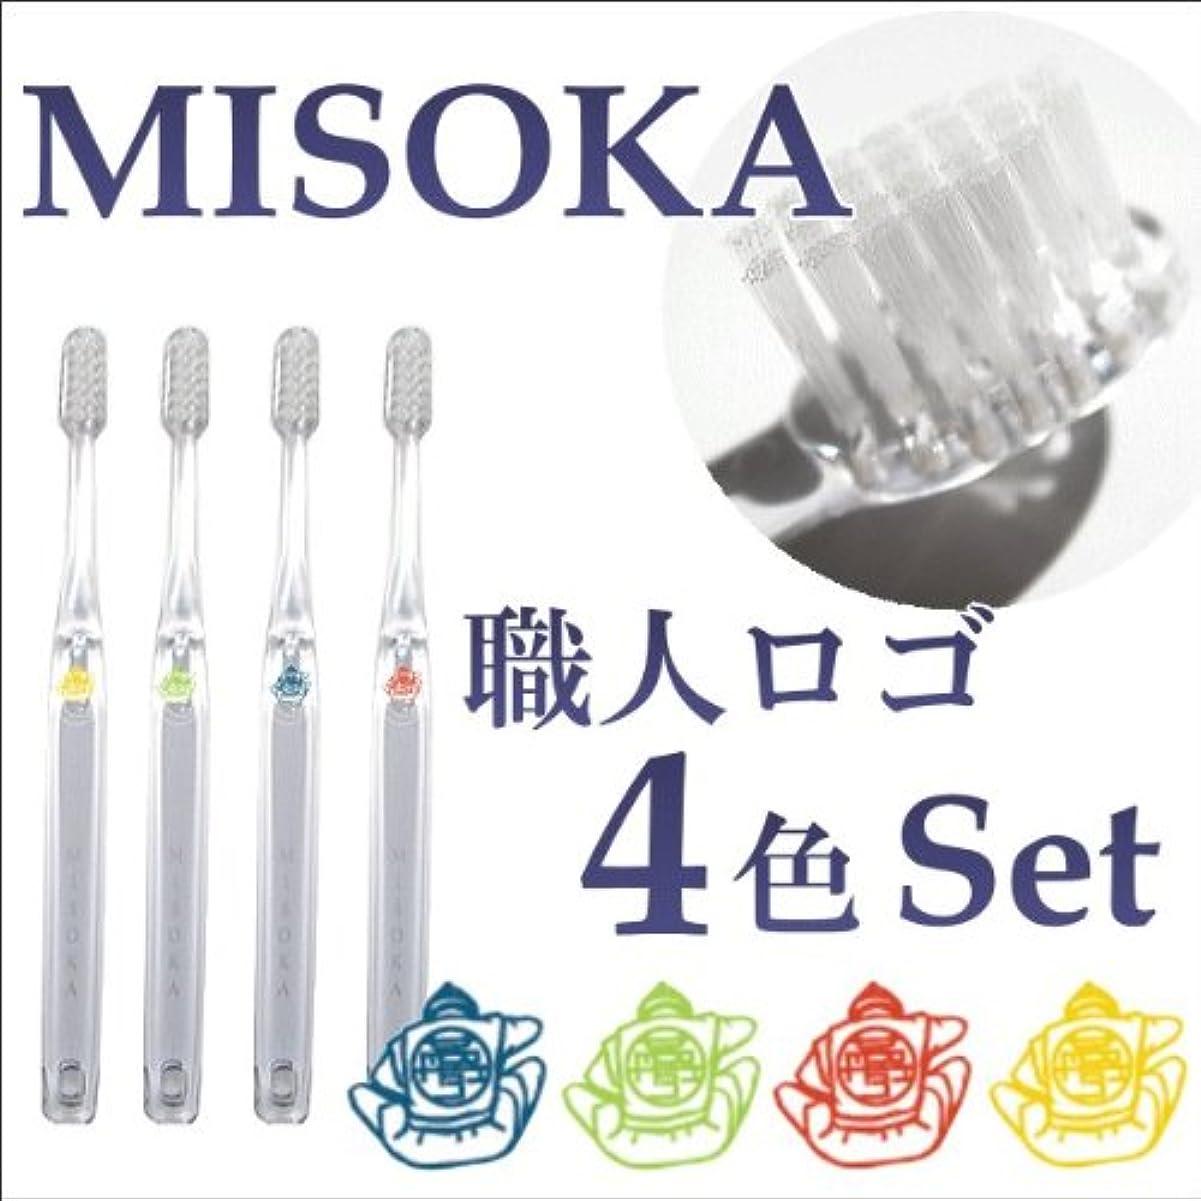 通訳欠陥クローゼット「MISOKA」職人技の歯ブラシ ミソカ 職人ロゴ4色セット×2セット